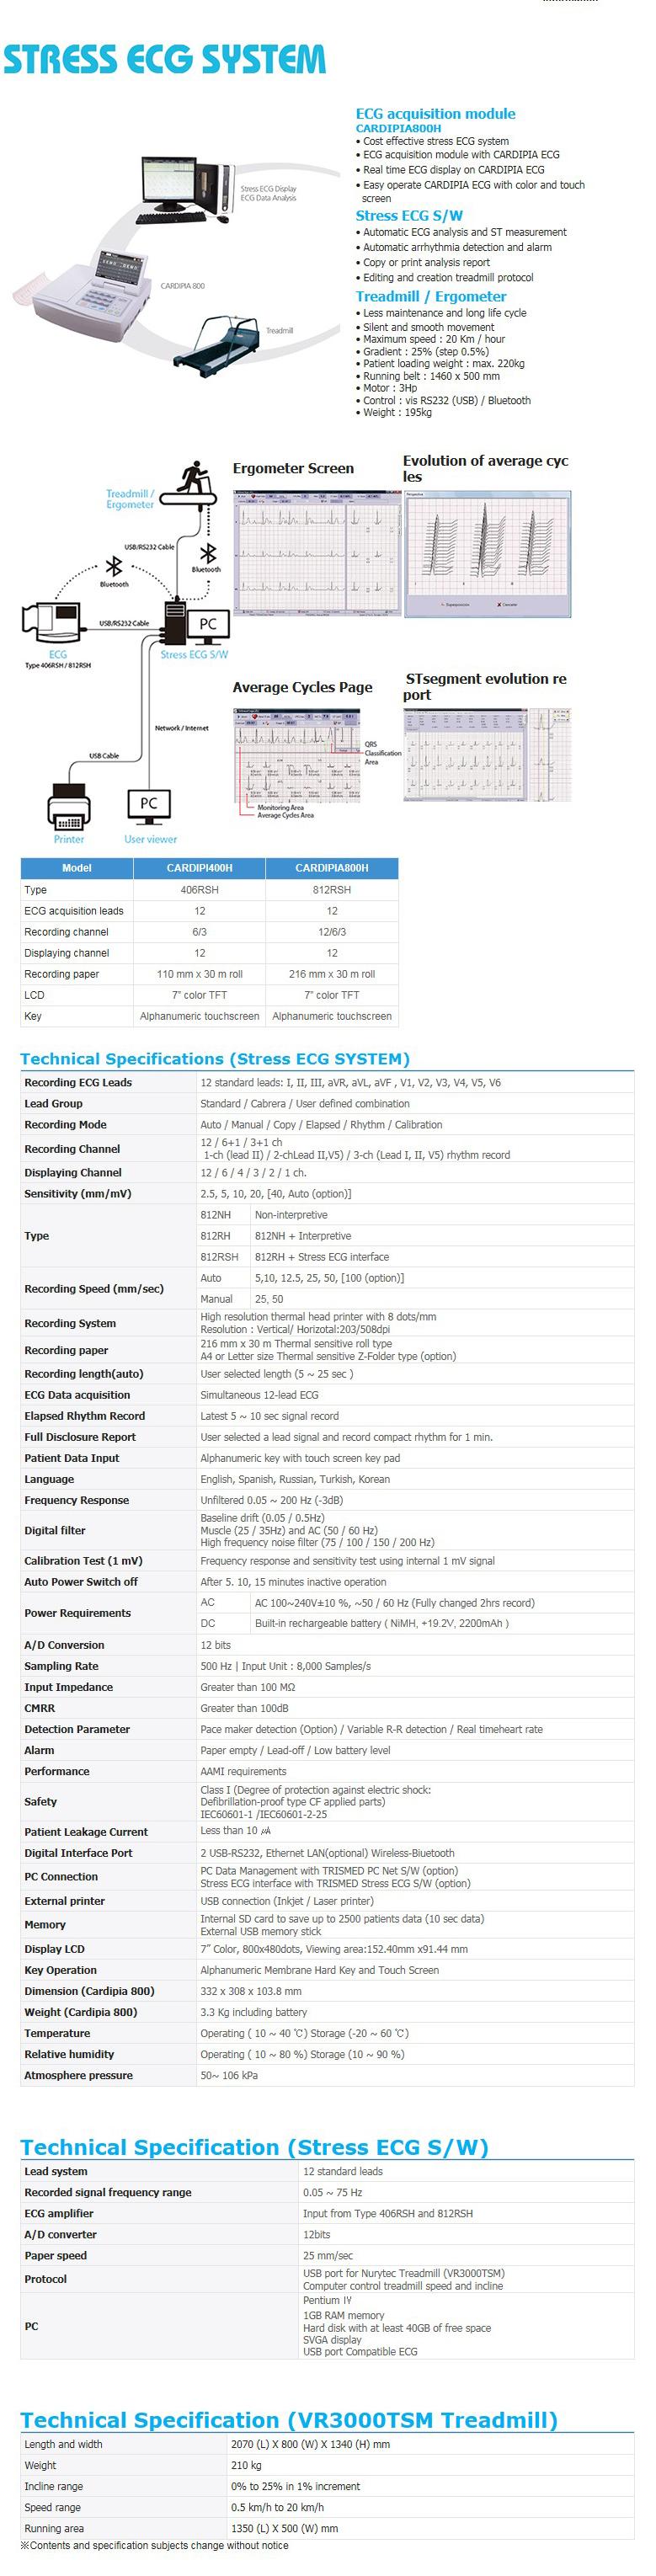 TRISMED Stress ECG System CARDIPI400H, CARDIPIA800H